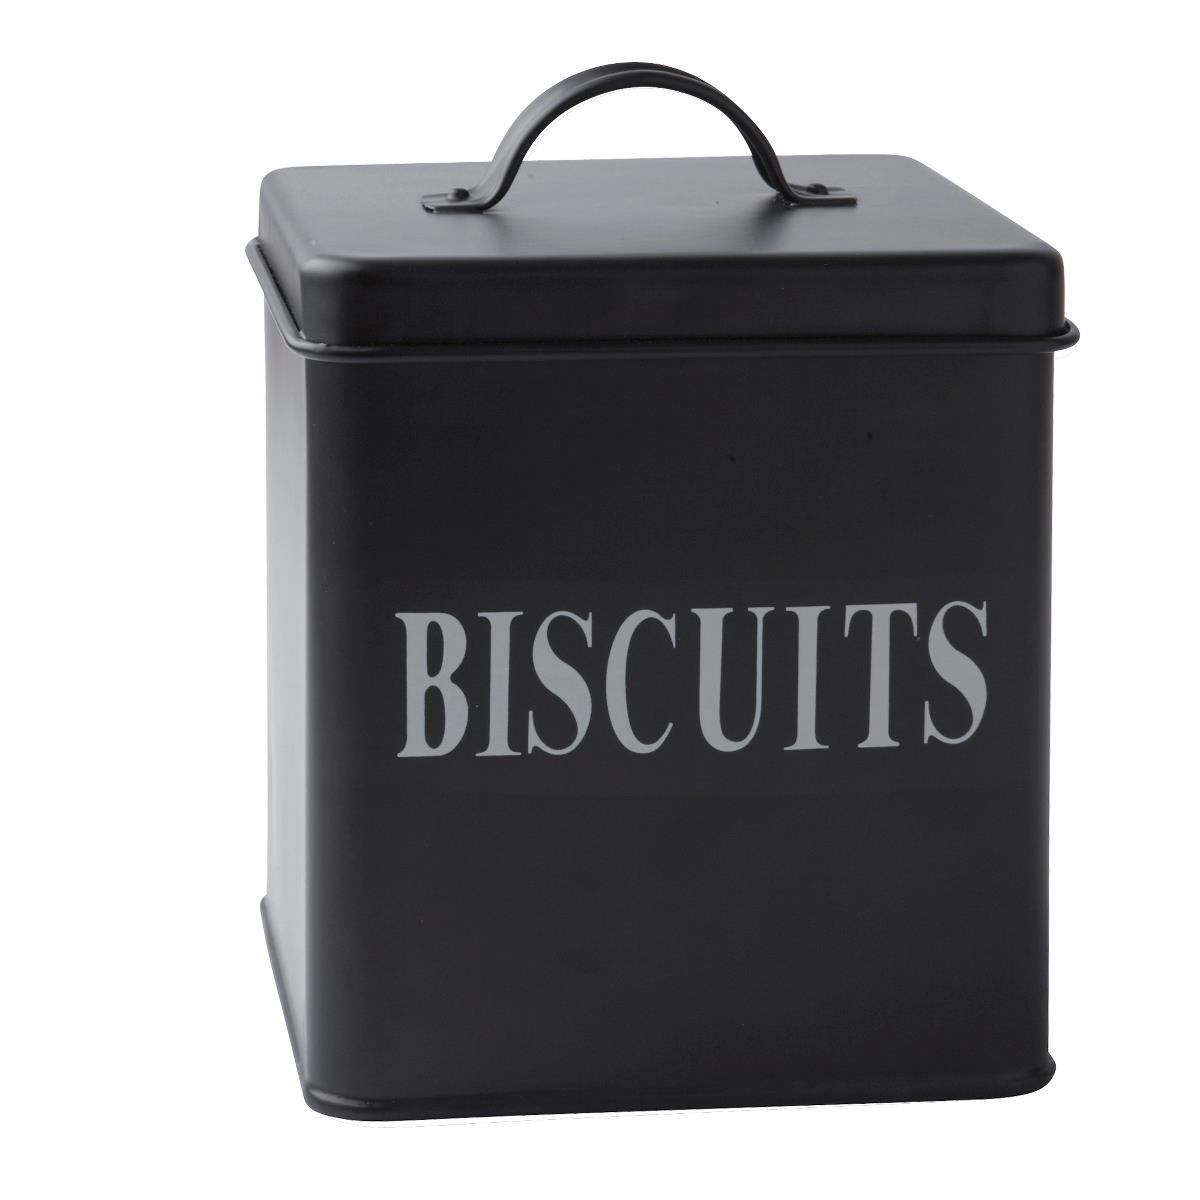 Cutie metalica Biscuits, Black, 2,5 L, KJ, 232114